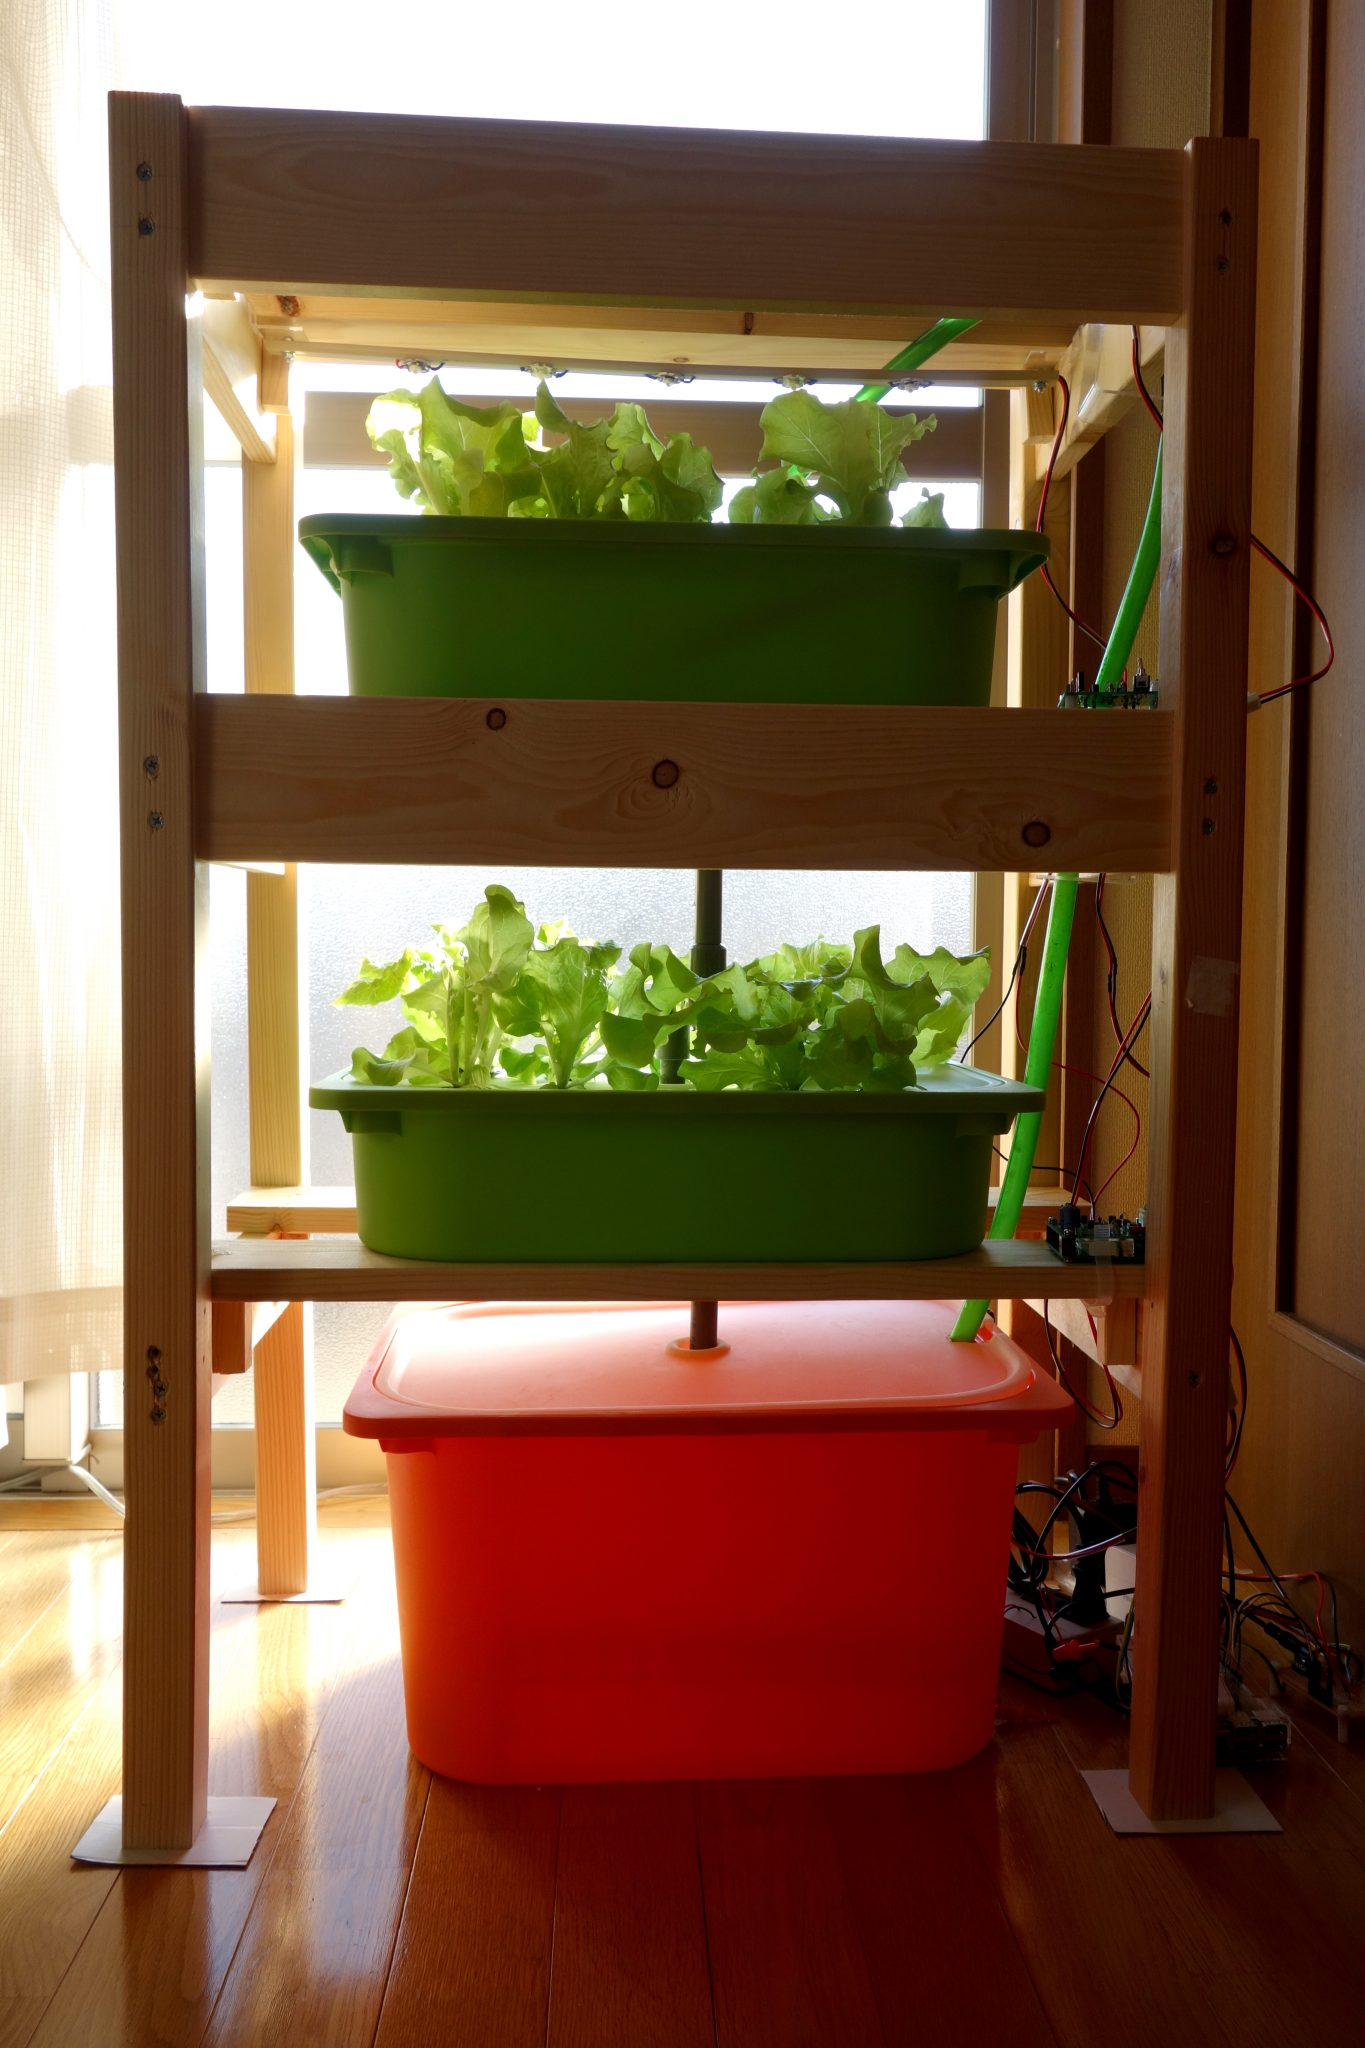 自作の水耕栽培装置 LEDとポンプ付き